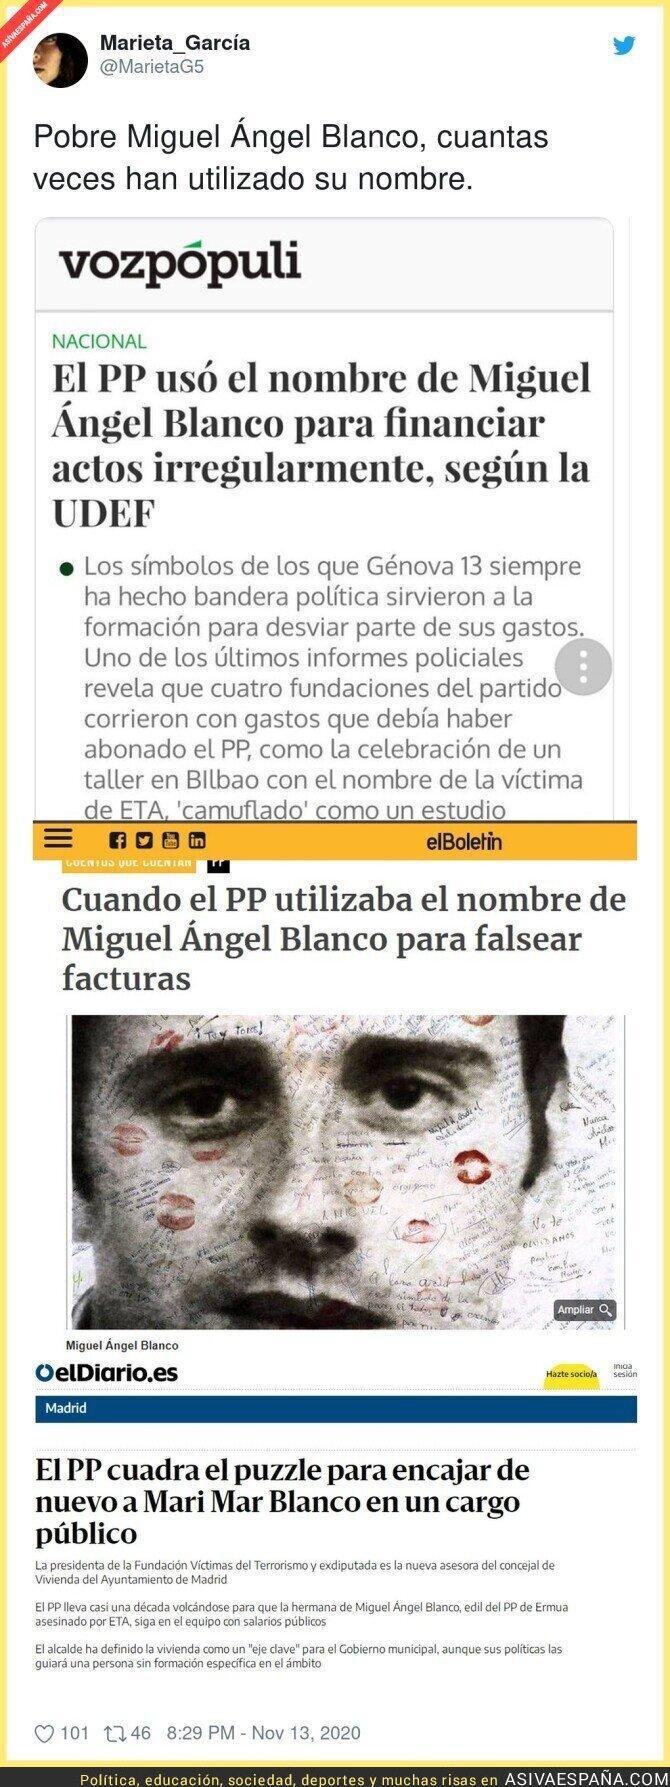 465273 - No dejaron descansar en paz a Miguel Ángel Blanco